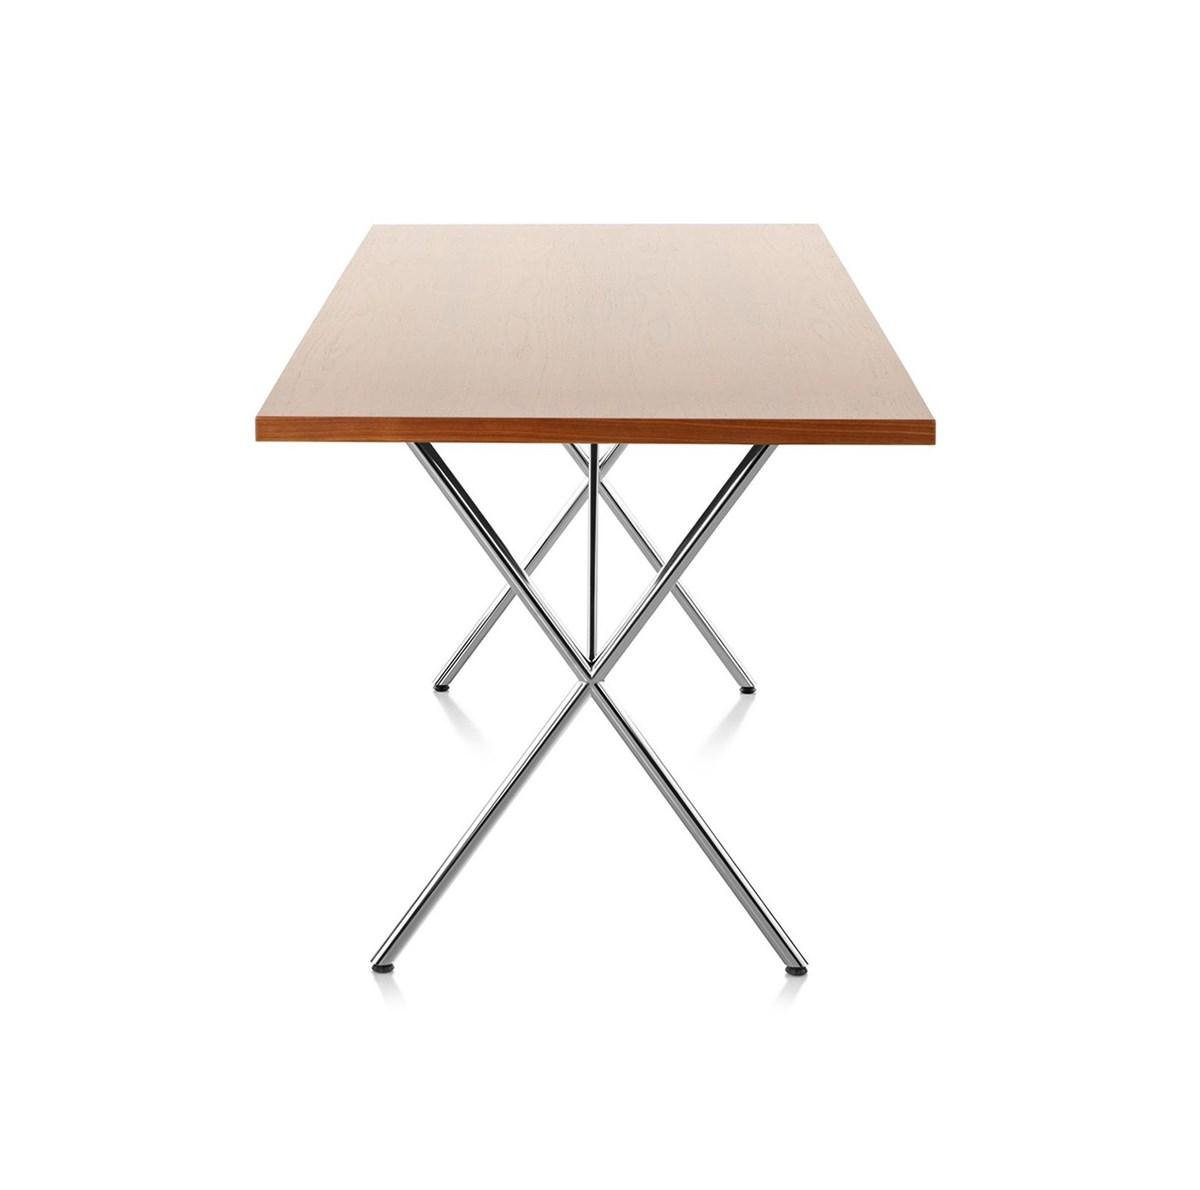 Herman-Miller-George-Nelson-Nelson-X-Leg-Table-Matisse-1